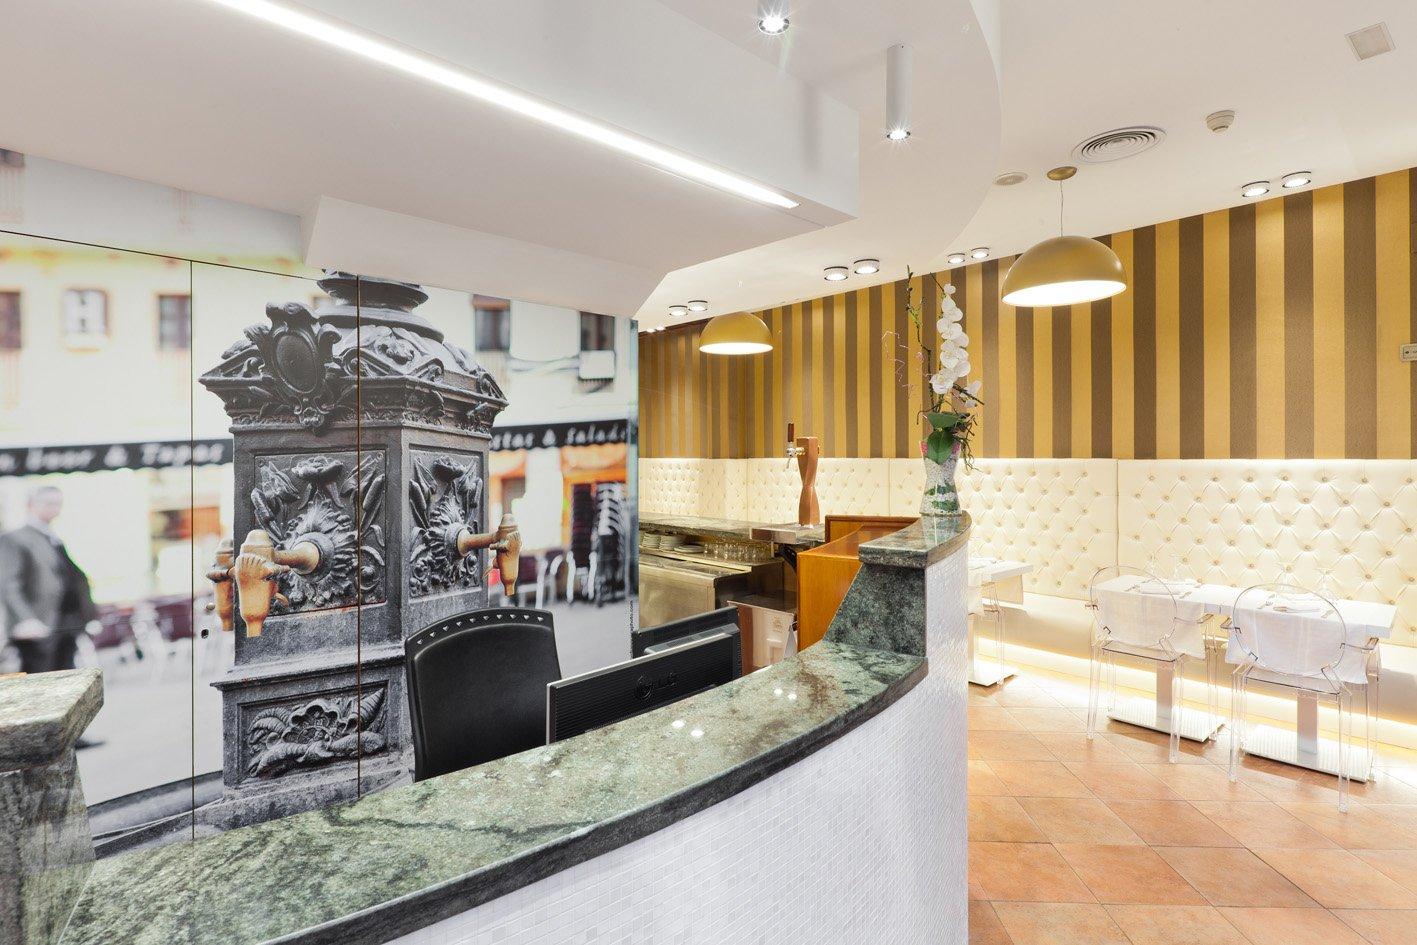 hotel_la_fontnombre_del_documento_29-56dd07f3bb0b021b9295992959a602a8